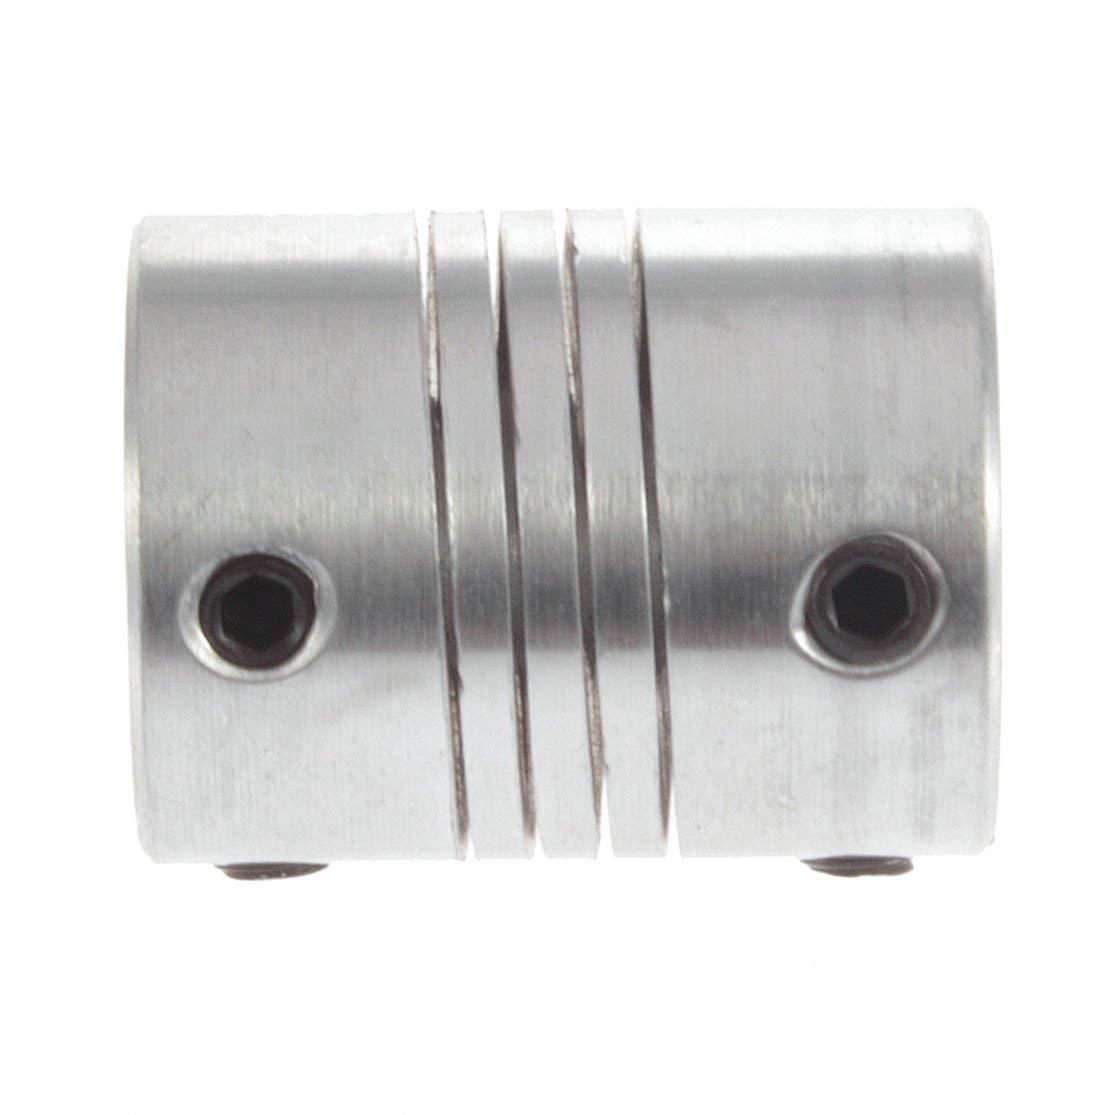 8mm LouiseEvel215 3D Drucker Schrittmotor Flexible Kupplung Kupplung//Wellenkupplungen 5mm 25mm Flexible Welle Wellenkupplung Motorkopplung